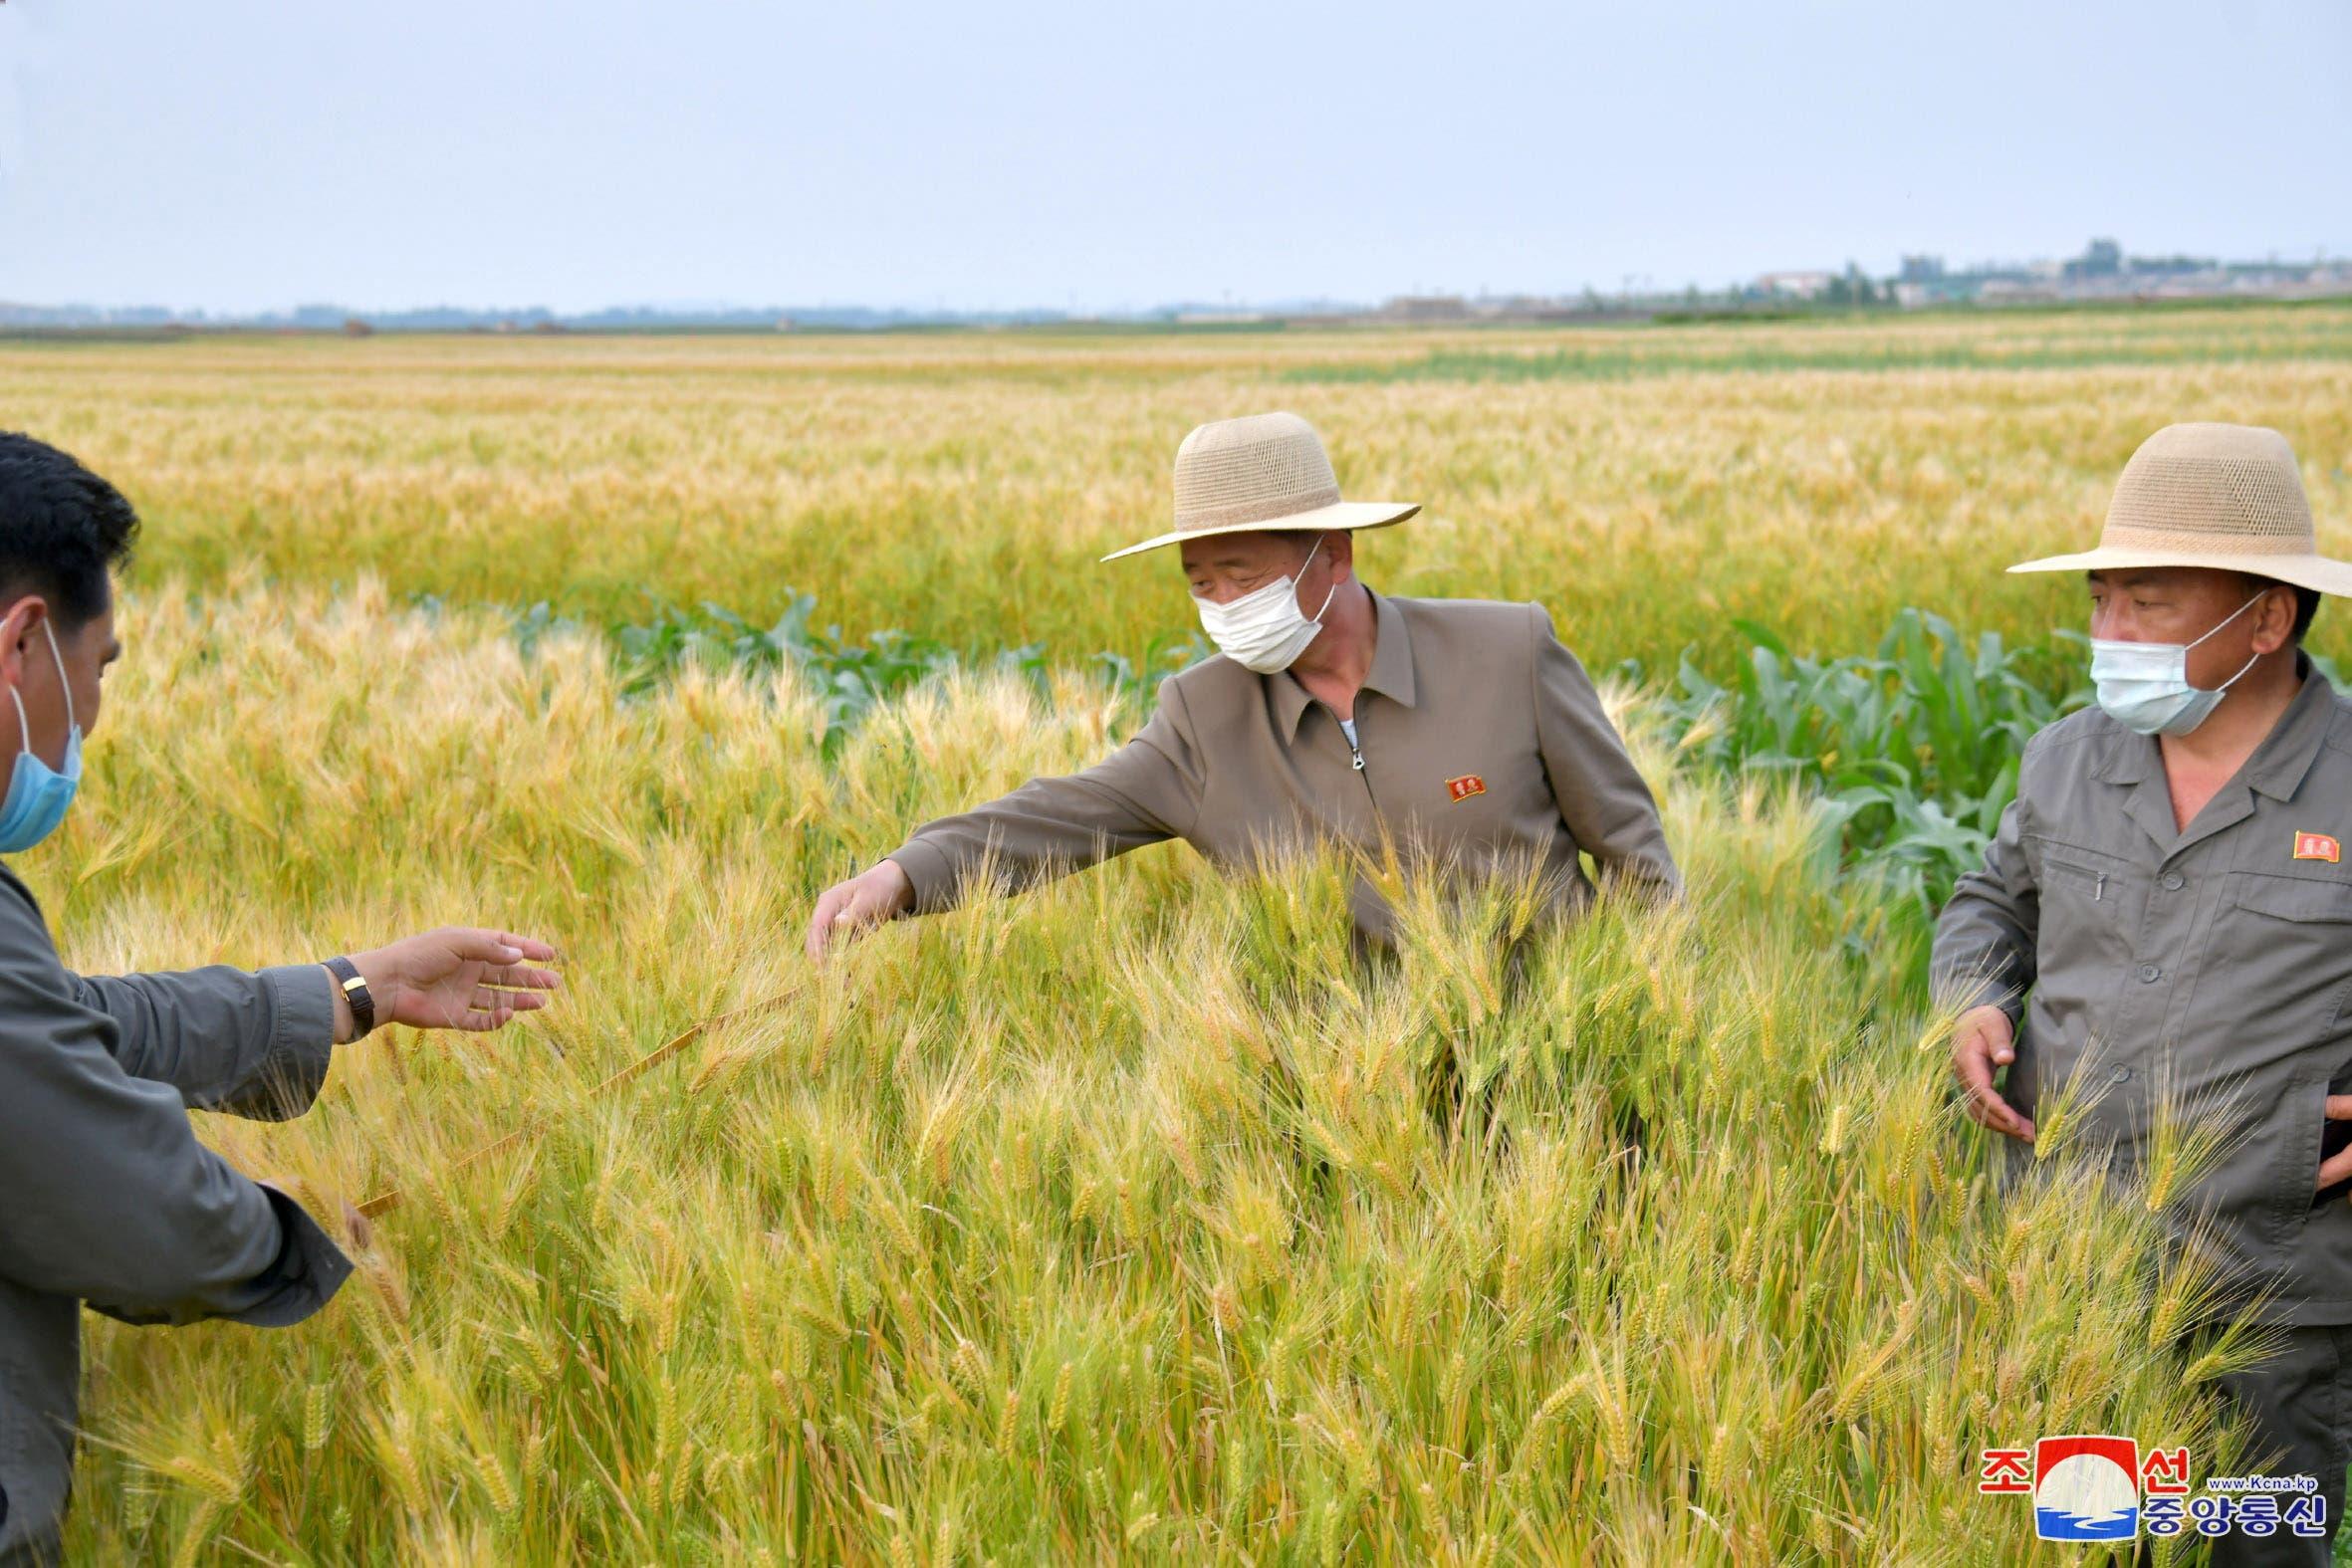 مسؤول كوري شمالي يزور أحد الحقول الزراعية (رويترز)